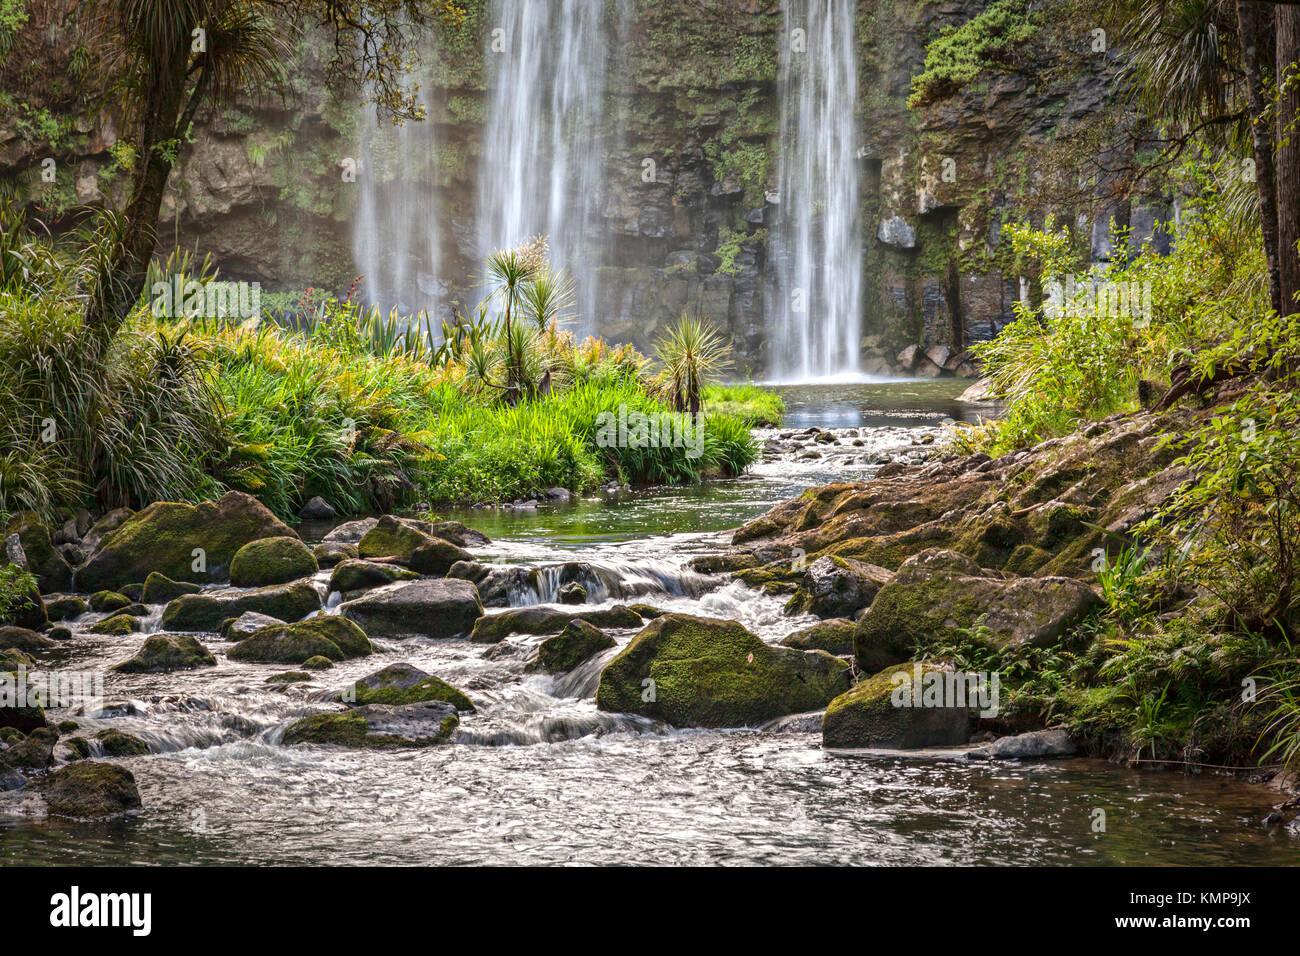 Die Hatea River unter den Whangarei Falls in der Region Northland auf der Nordinsel Neuseelands. Stockbild